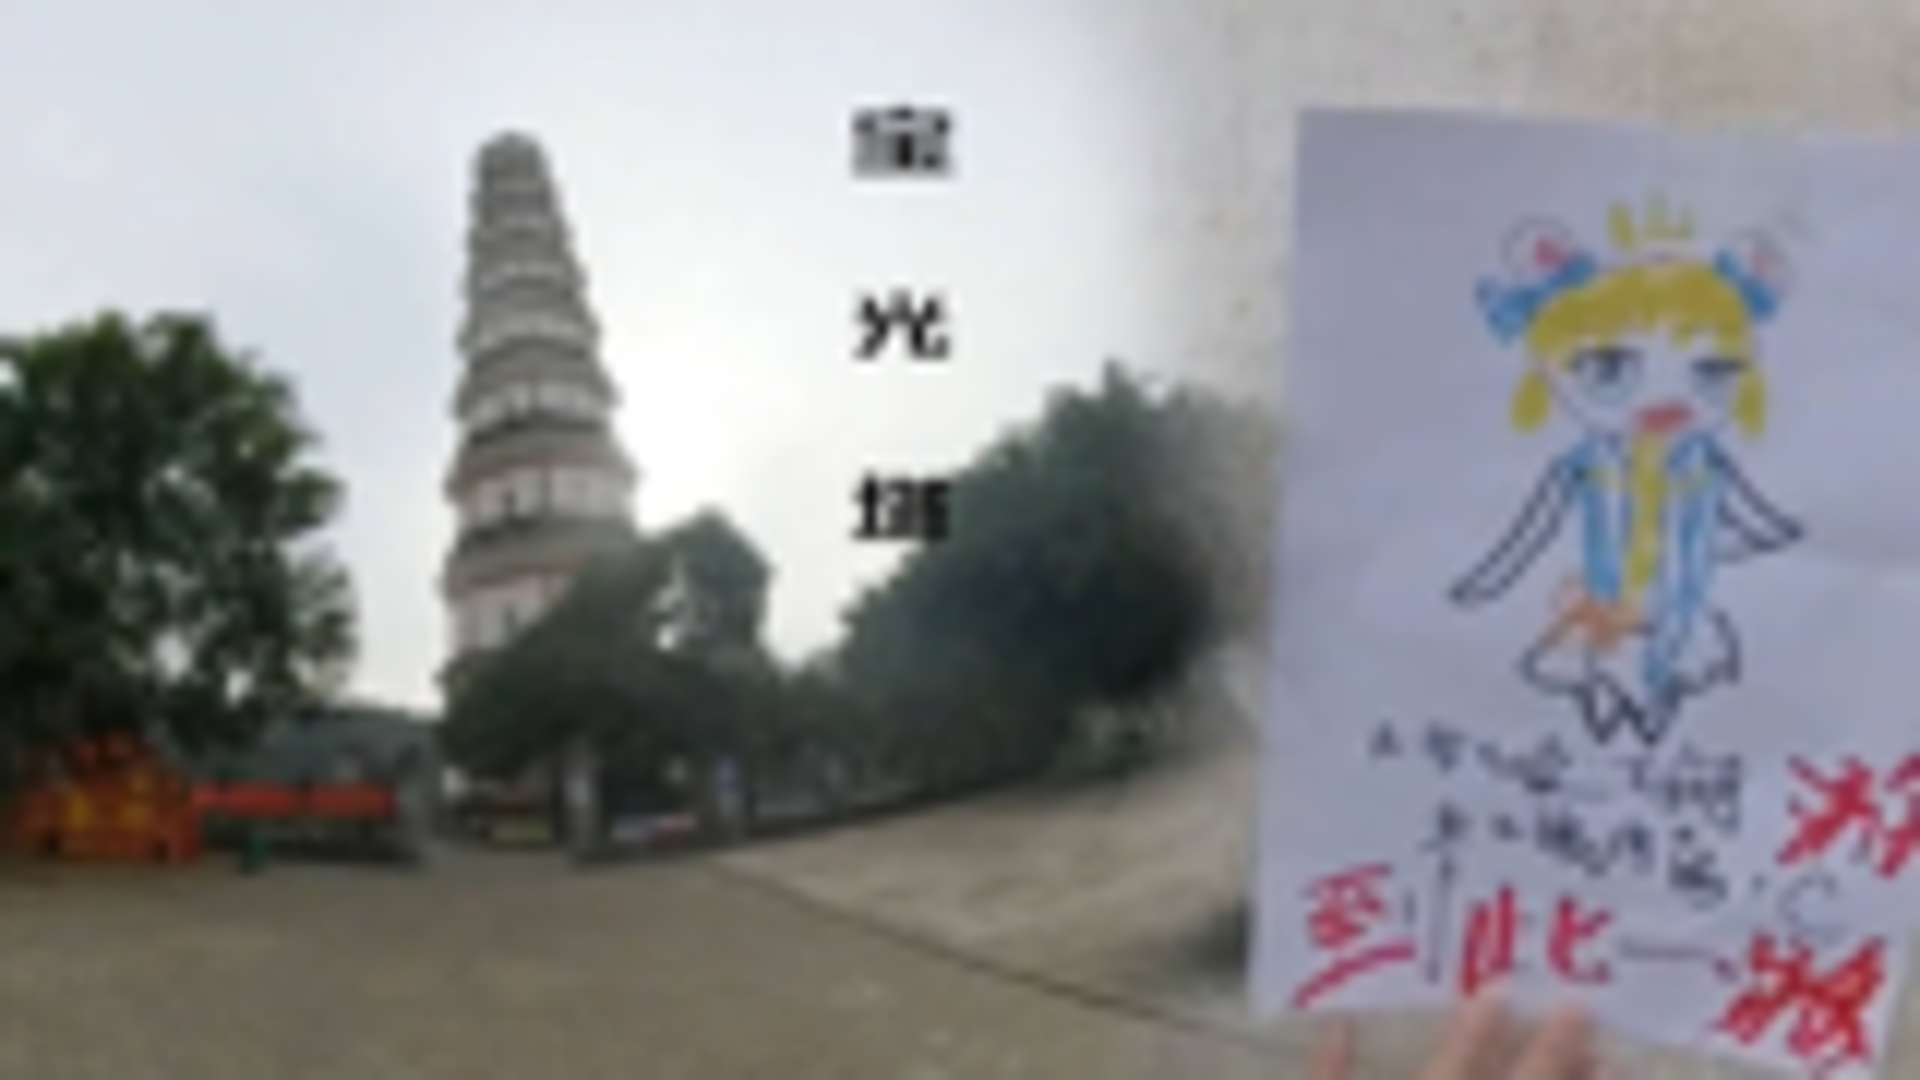 [很菜的vlog]家乡的小景点某个塔(宝光塔)【过年稿事情】